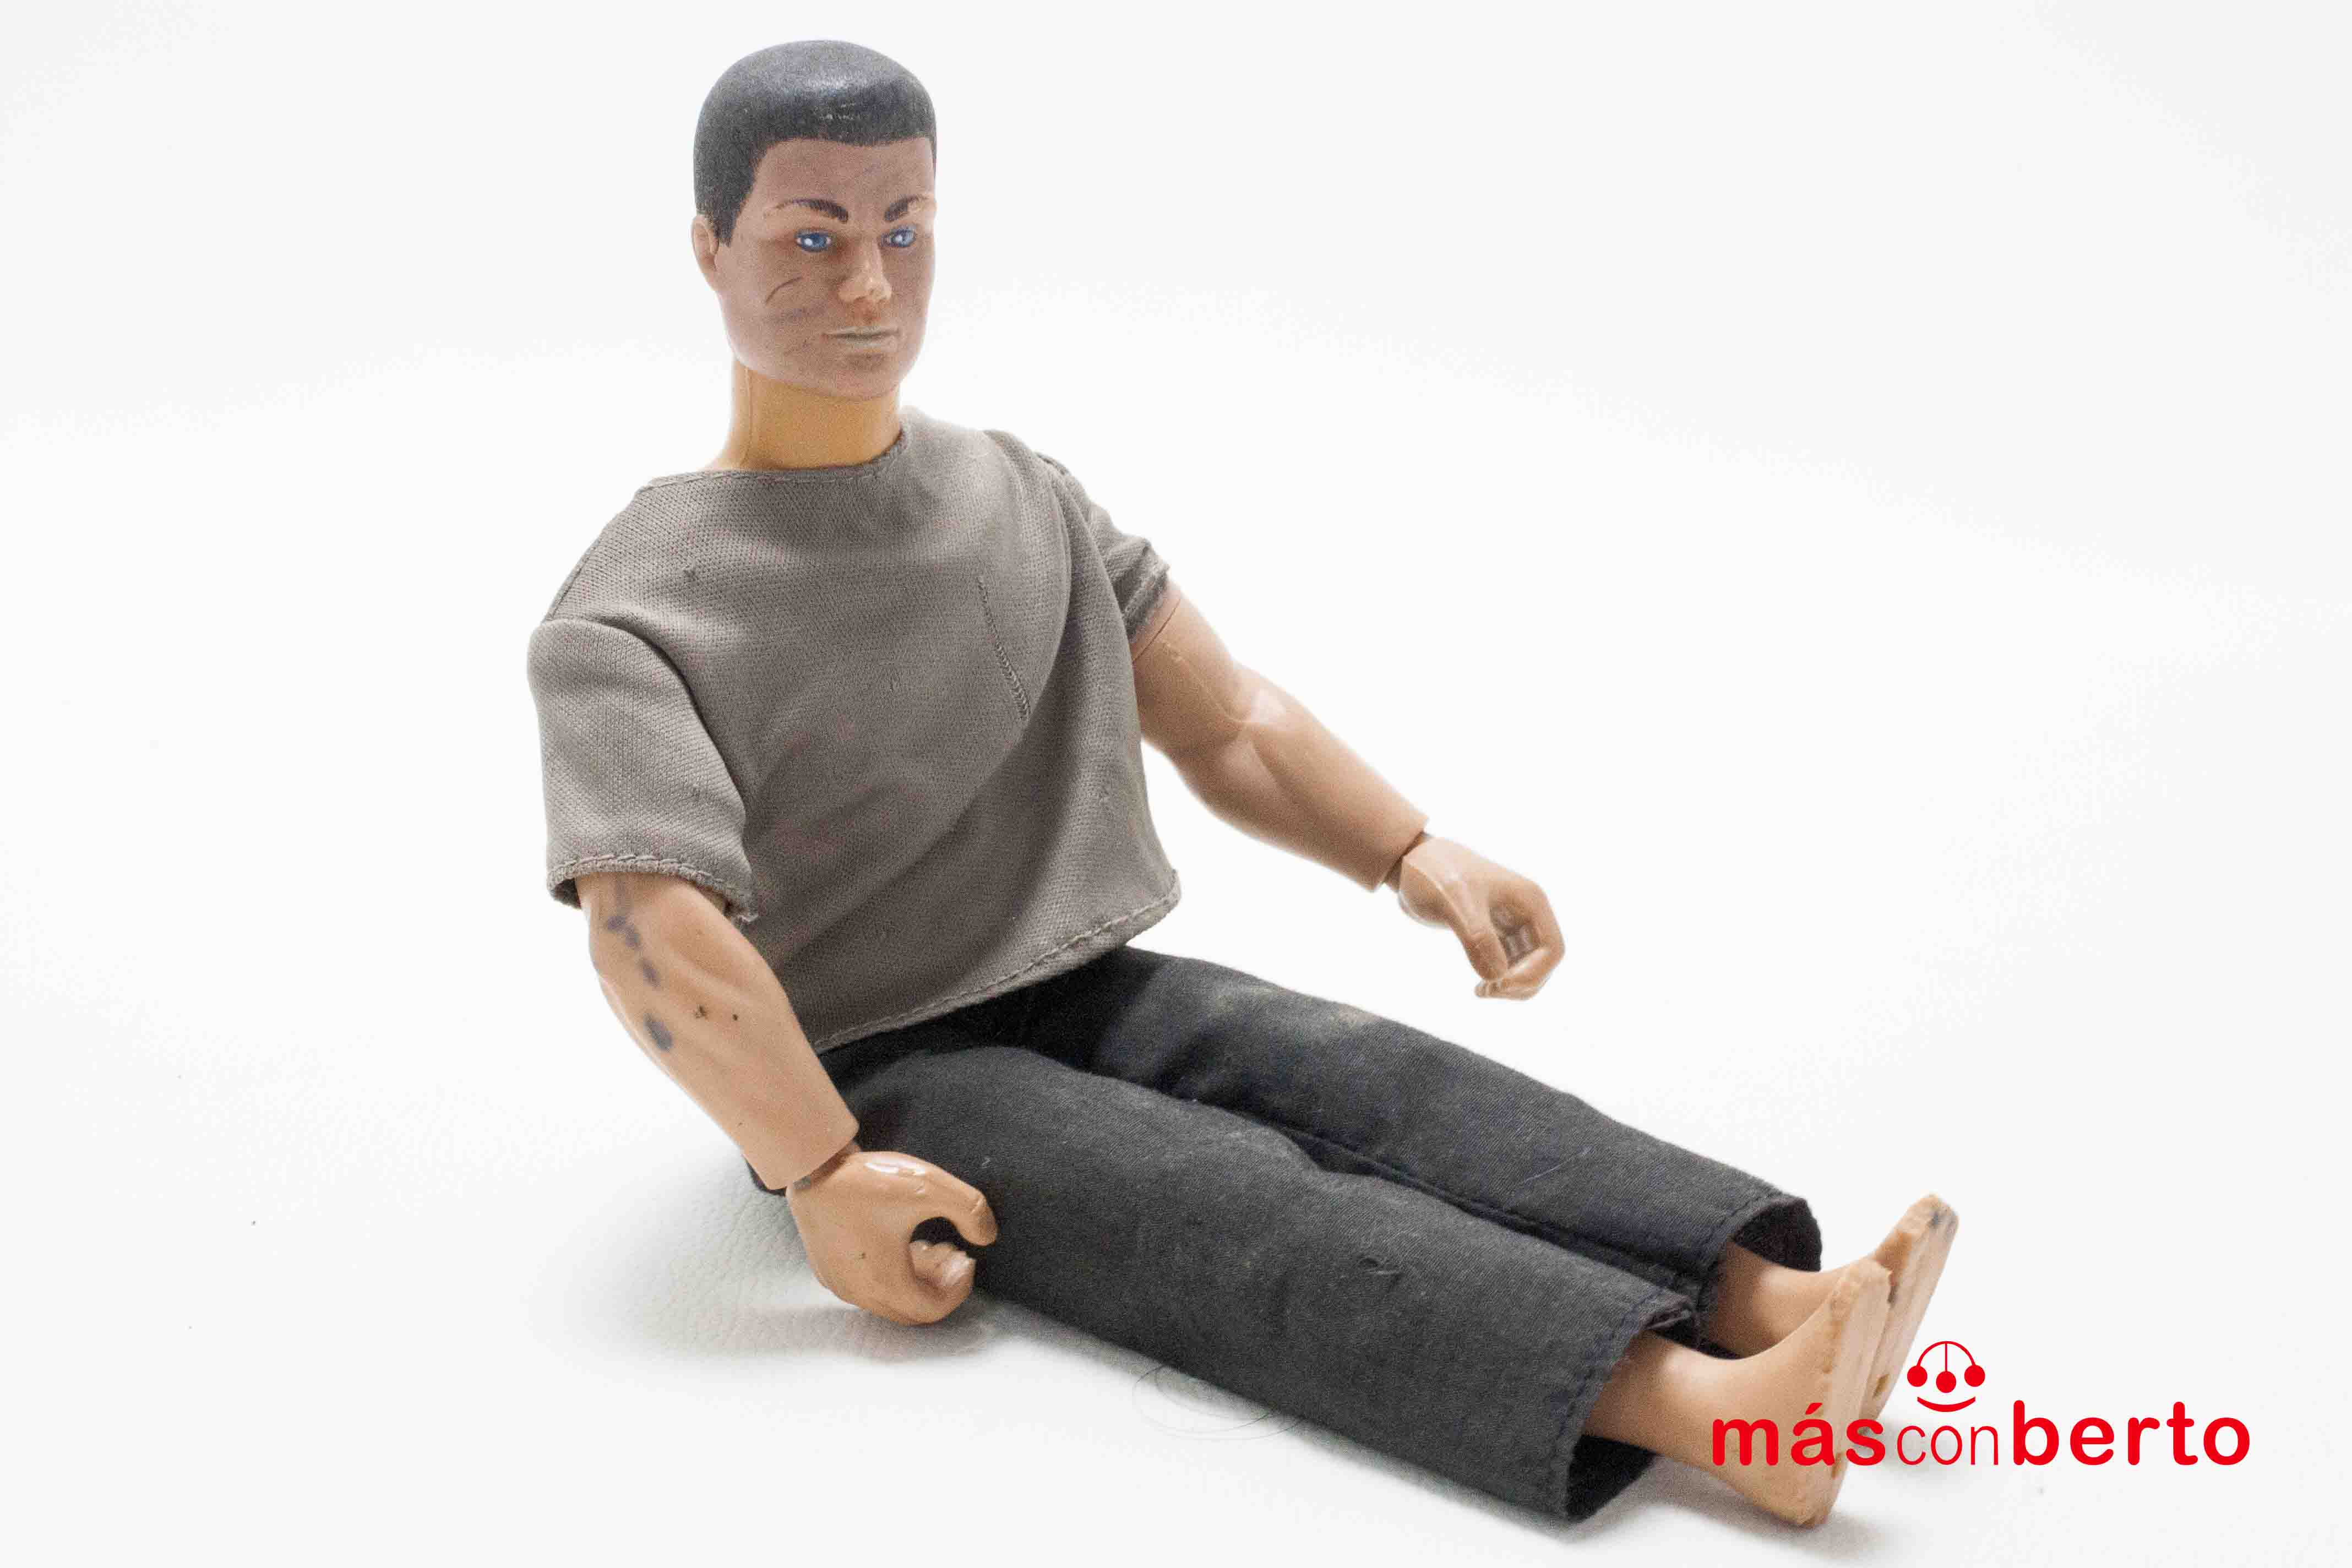 Muñeco de acción 30cm